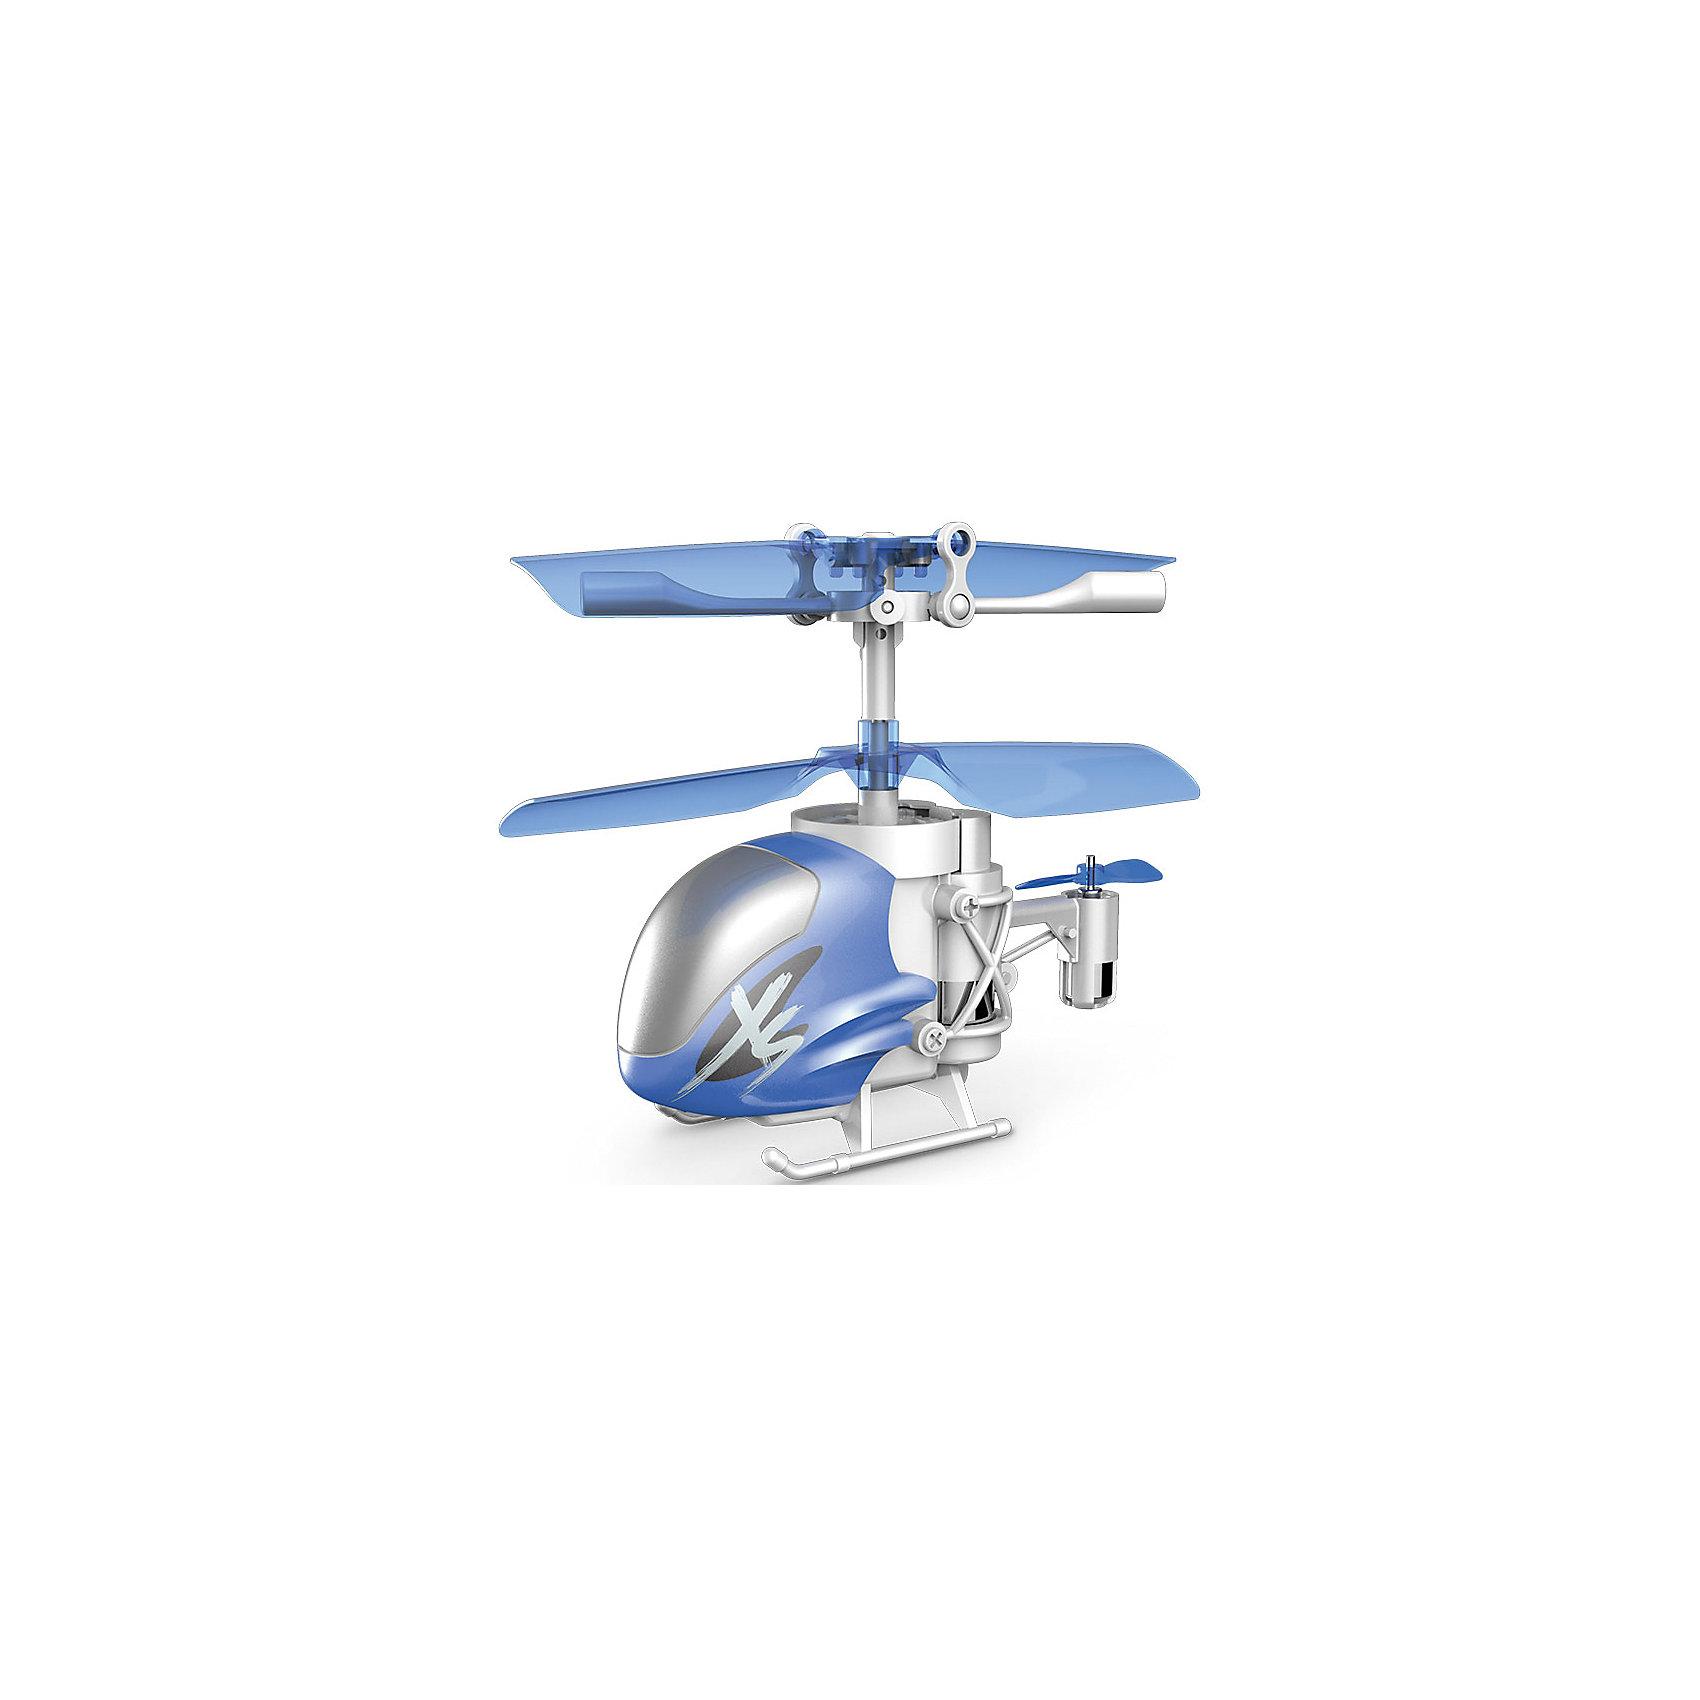 Вертолет Нано Фалкон XS (из книги рекордов Гиннесса), SilverlitВертолет Нано Фалкон XS (из книги рекордов Гиннесса), Silverlit.<br><br>Характеристики:<br><br>- Комплектация: маленький вертолет, пульт управления, кейс для хранения<br>- Размер вертолета: 4,5х4,5х 2 см.<br>- Батарейки: 4 х АА (не входят в комплект)<br>- Материал: пластик, металл<br>- Количество каналов: 3<br>- Дистанция: 8 м.<br>- Время зарядки: 25-30 мин.<br><br>Вертолет Нано Фалкон XS - высокотехнологичный вертолет из книги рекордов Гиннесса. Нано Фалкон XS - самая маленькая летающая игрушка. Вертолет предназначен для полетов по замкнутому пространству, он хорошо проходит, виражи небольших квартир и может пролетать под столами и стульями. В игрушке встроен гироскоп (прибор для навигации), позволяющий не сталкиваться с встречными предметами. Двойные лопасти вертолета крутятся в противоположных направлениях и поднимают машину вверх. Пульт управления объединен с зарядным устройством. На пульте установлены тумблеры для поворота модели, а так же спуска и подъема. Вертолет работает на Li-Poly аккумуляторе. На хвостовой части вертолета имеется отдельный винт. В комплекте есть специальный кейс, который можно использовать как парковочную площадку и как место для хранения и переноски модели. Продукция сертифицирована, экологически безопасна для ребенка, использованные красители не токсичны и гипоаллергенны.<br><br>Вертолет Нано Фалкон XS (из книги рекордов Гиннесса), Silverlit можно купить в нашем интернет-магазине.<br><br>Ширина мм: 7<br>Глубина мм: 172<br>Высота мм: 248<br>Вес г: 311<br>Возраст от месяцев: 36<br>Возраст до месяцев: 2147483647<br>Пол: Унисекс<br>Возраст: Детский<br>SKU: 5059840